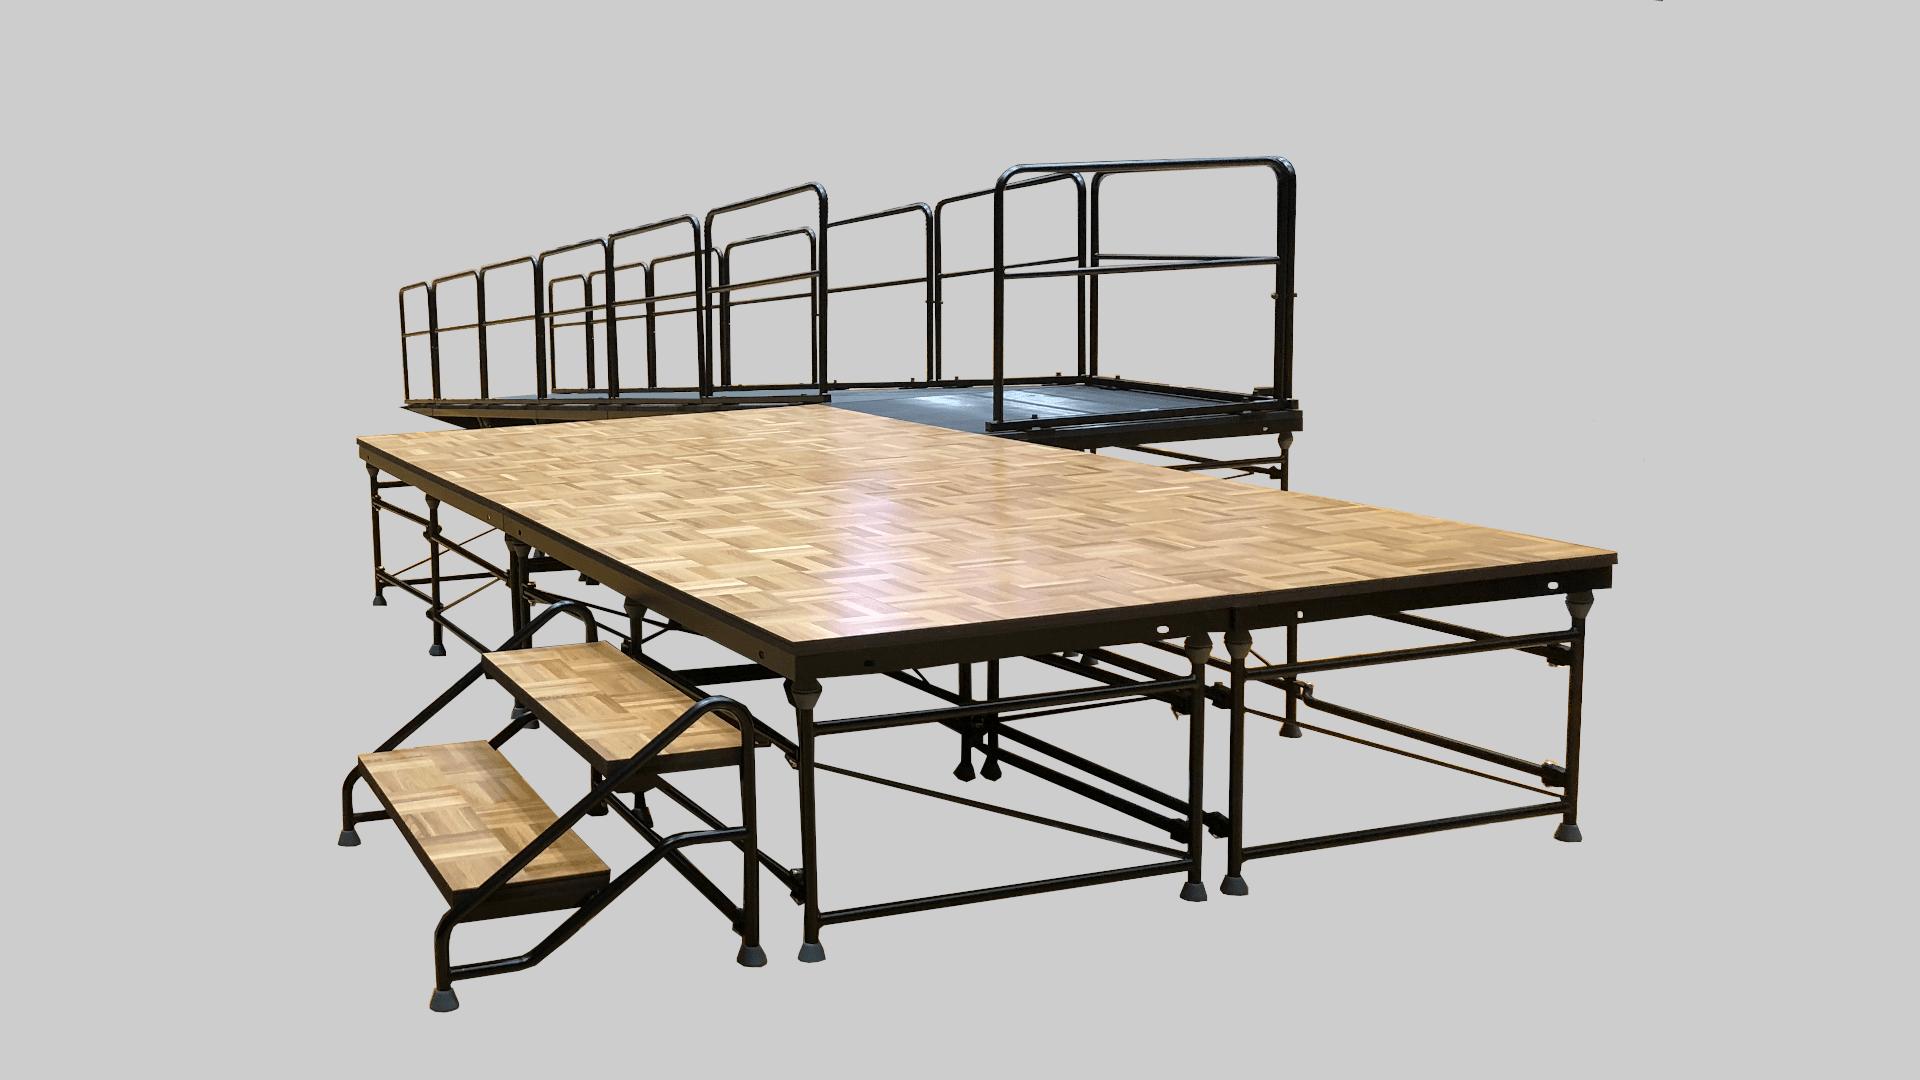 SICO ユニットステージ イメージ